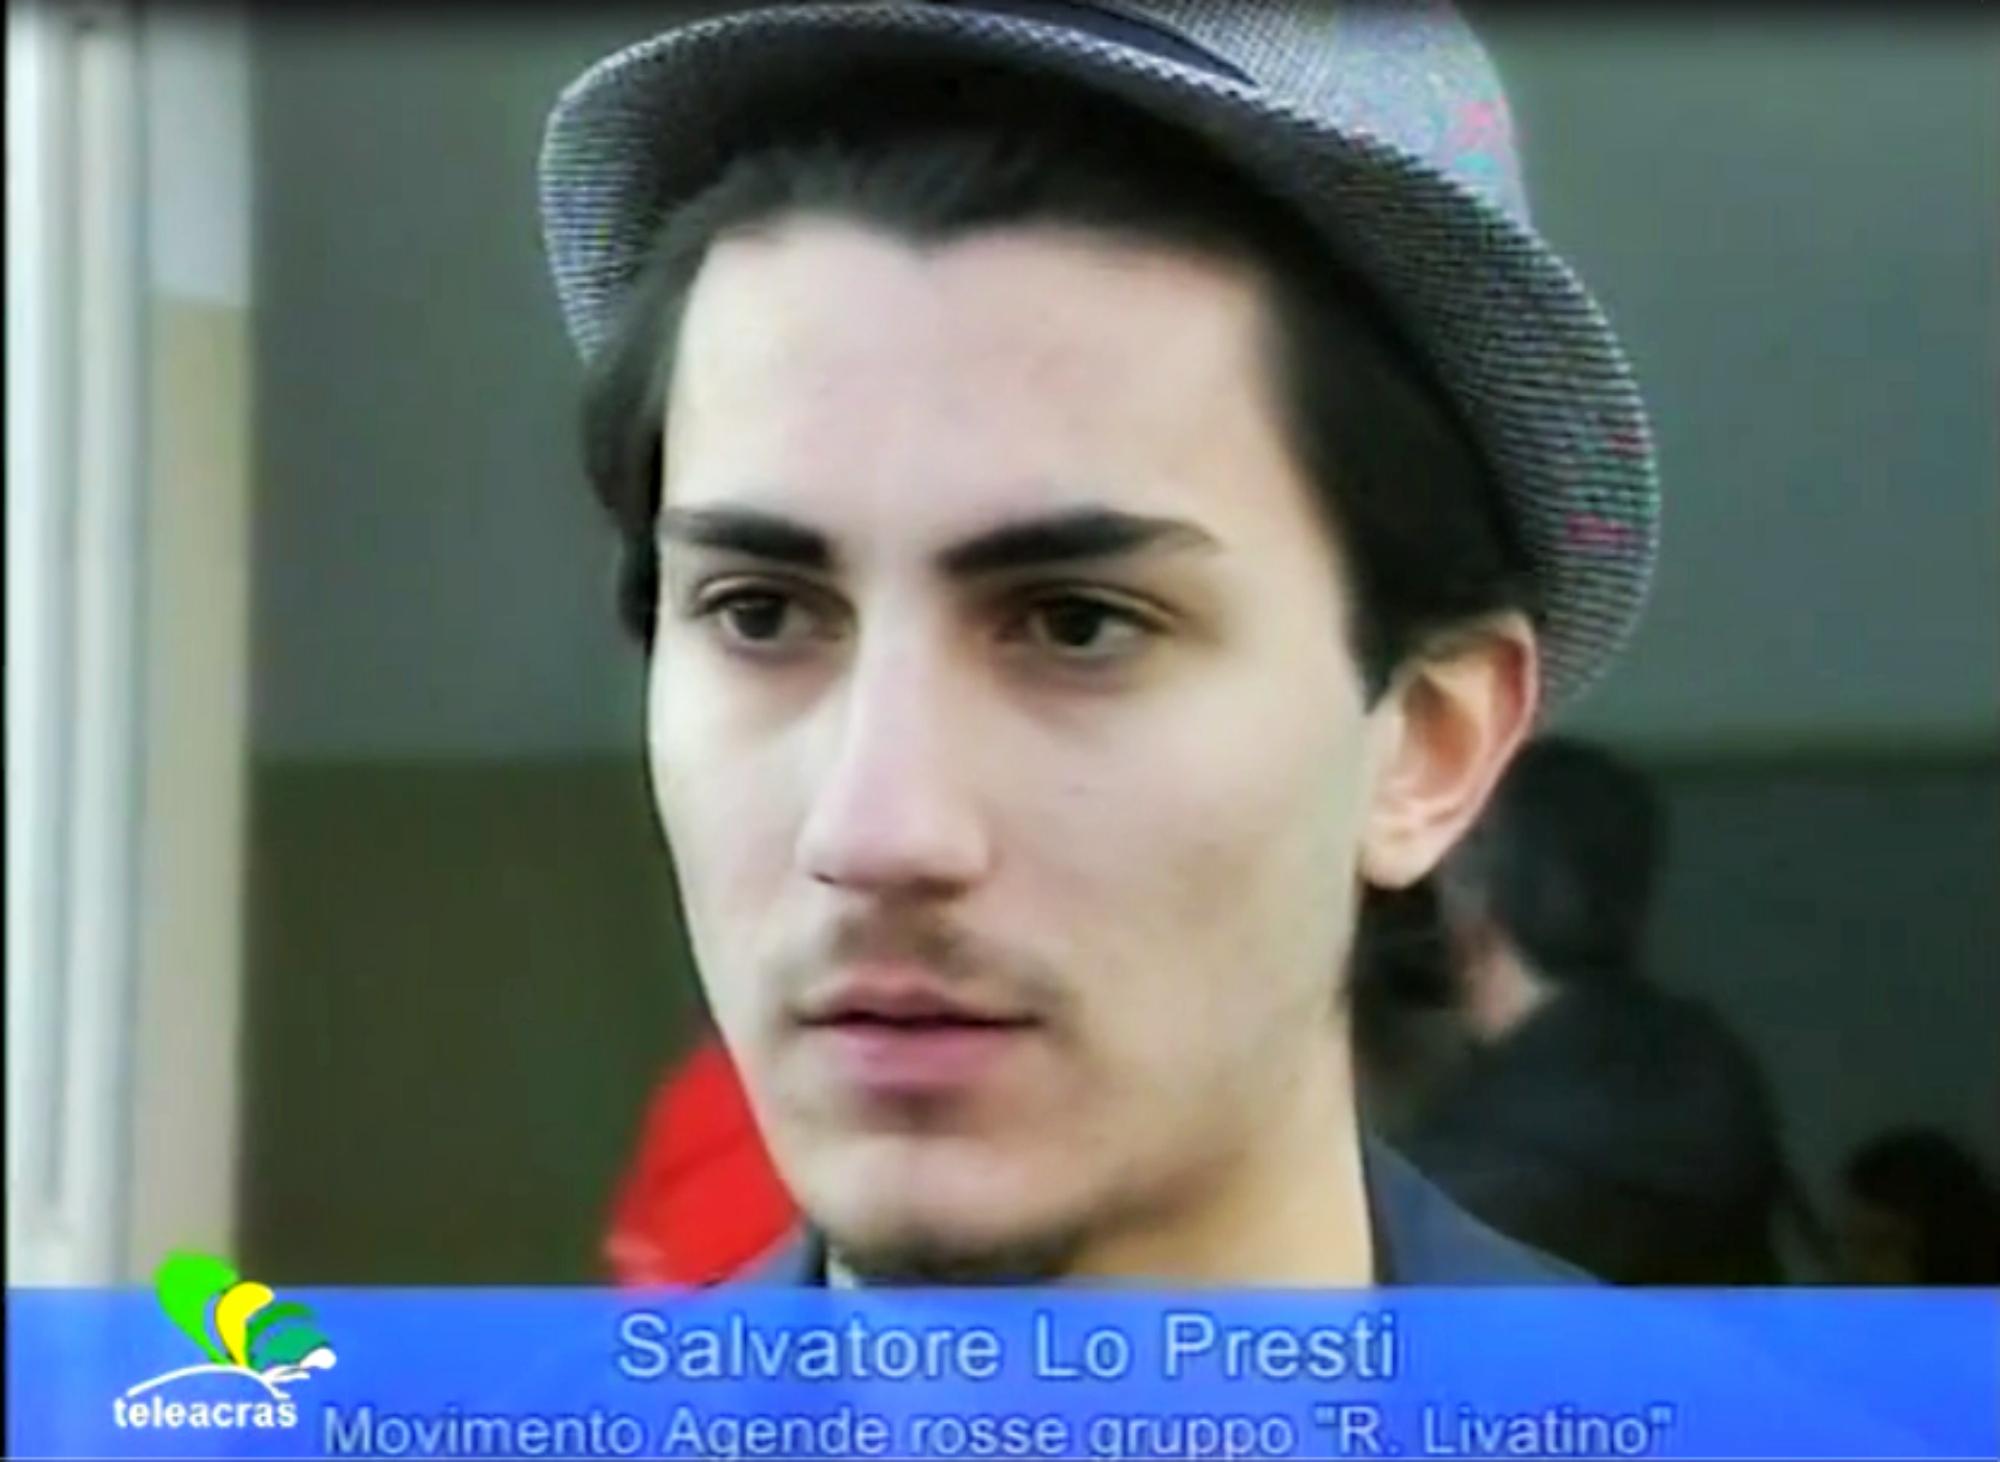 Salvatore Lo Presti